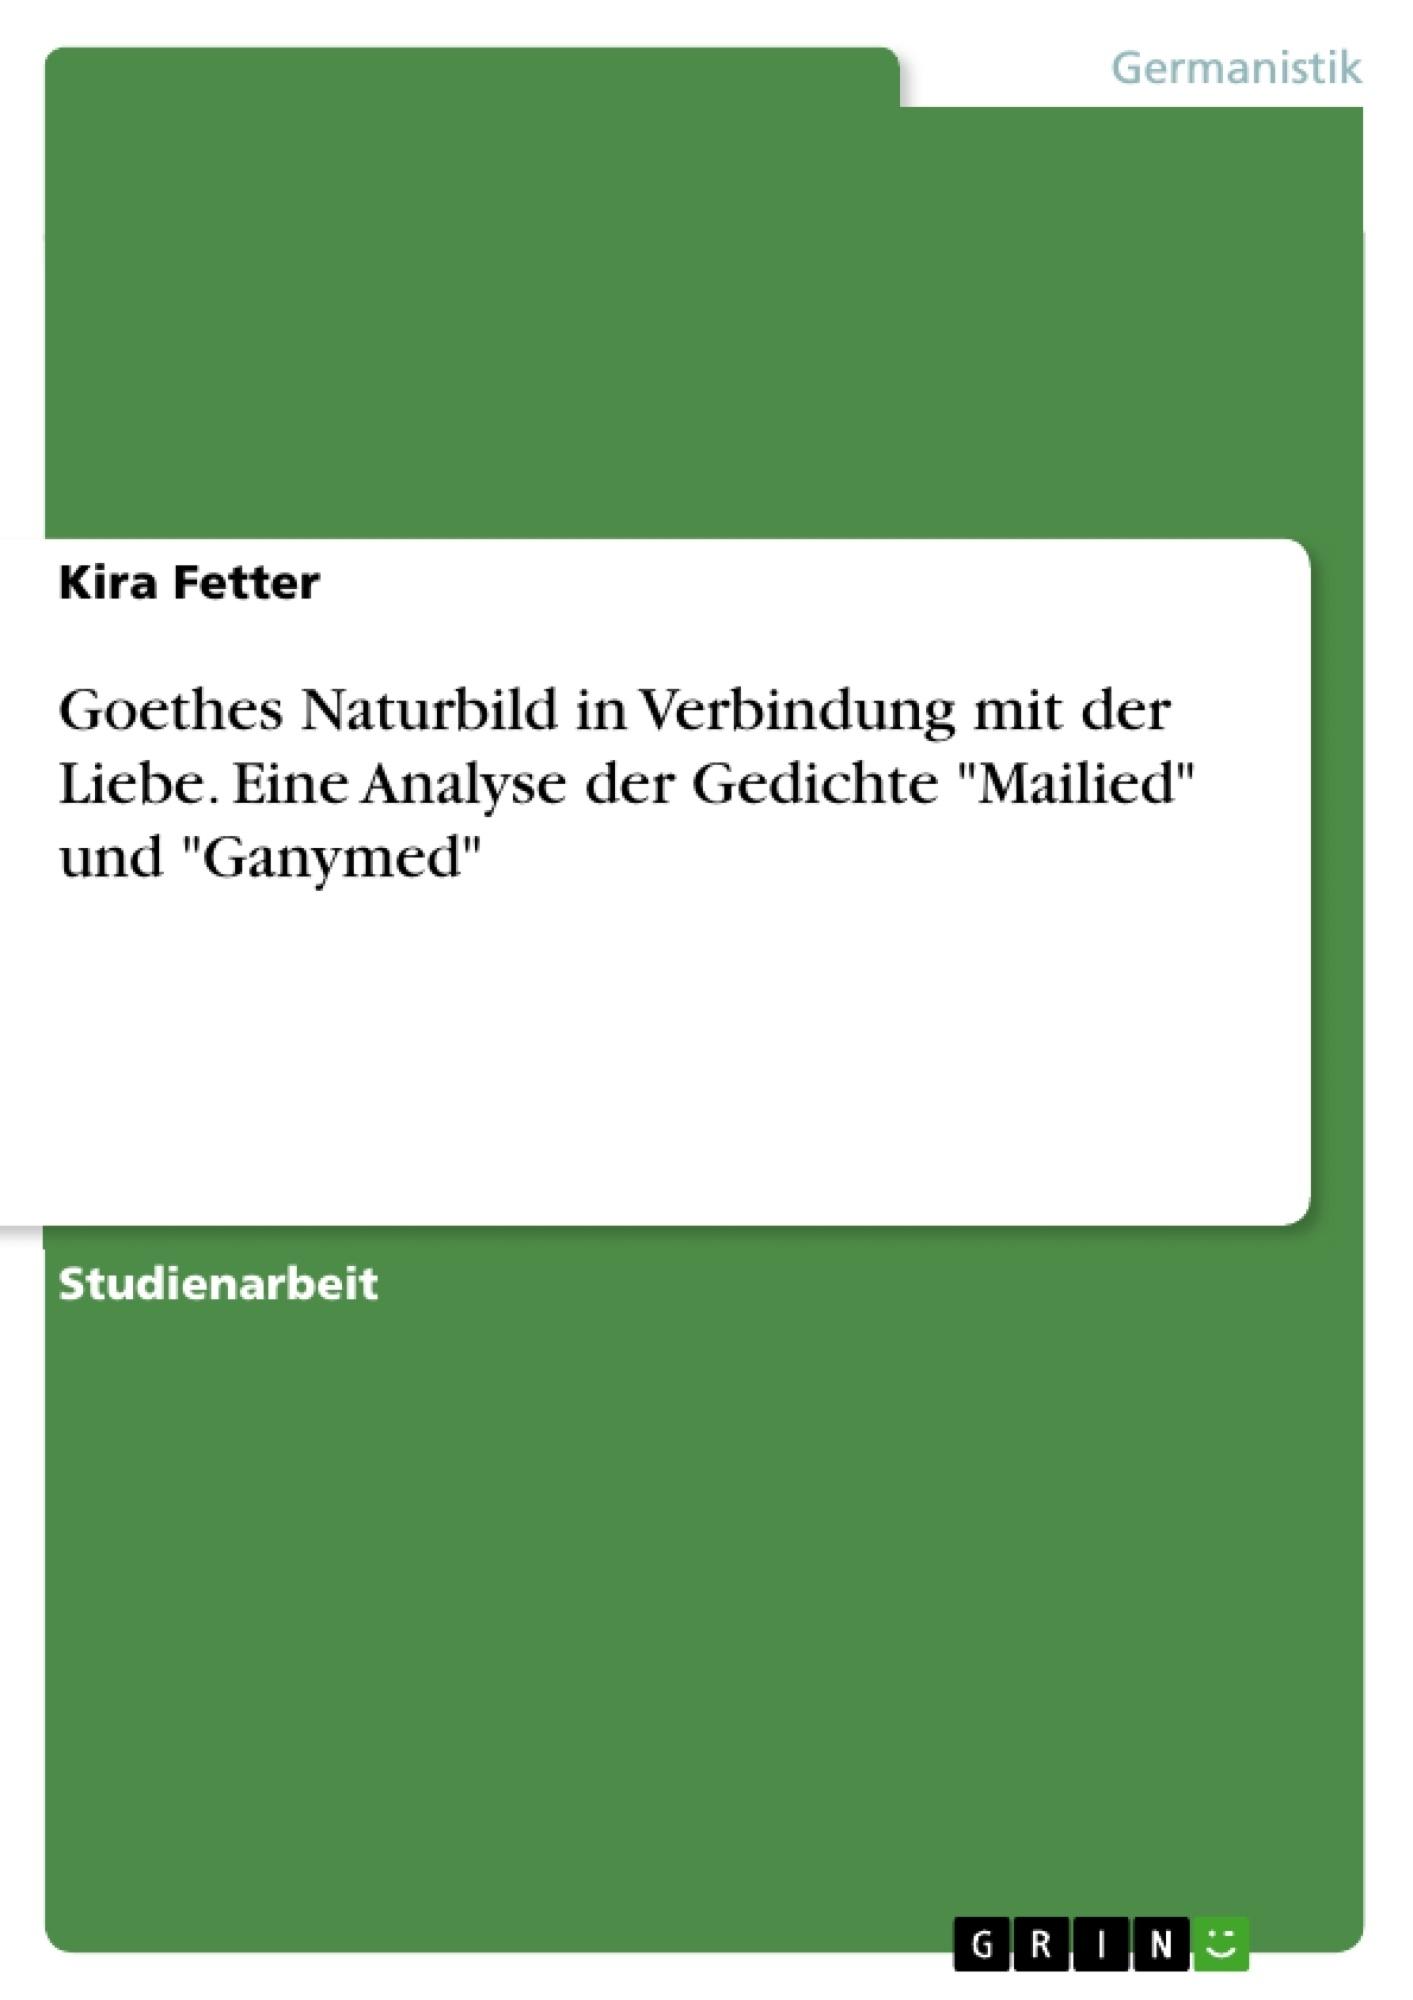 """Titel: Goethes Naturbild in Verbindung mit der Liebe. Eine Analyse der Gedichte """"Mailied"""" und """"Ganymed"""""""